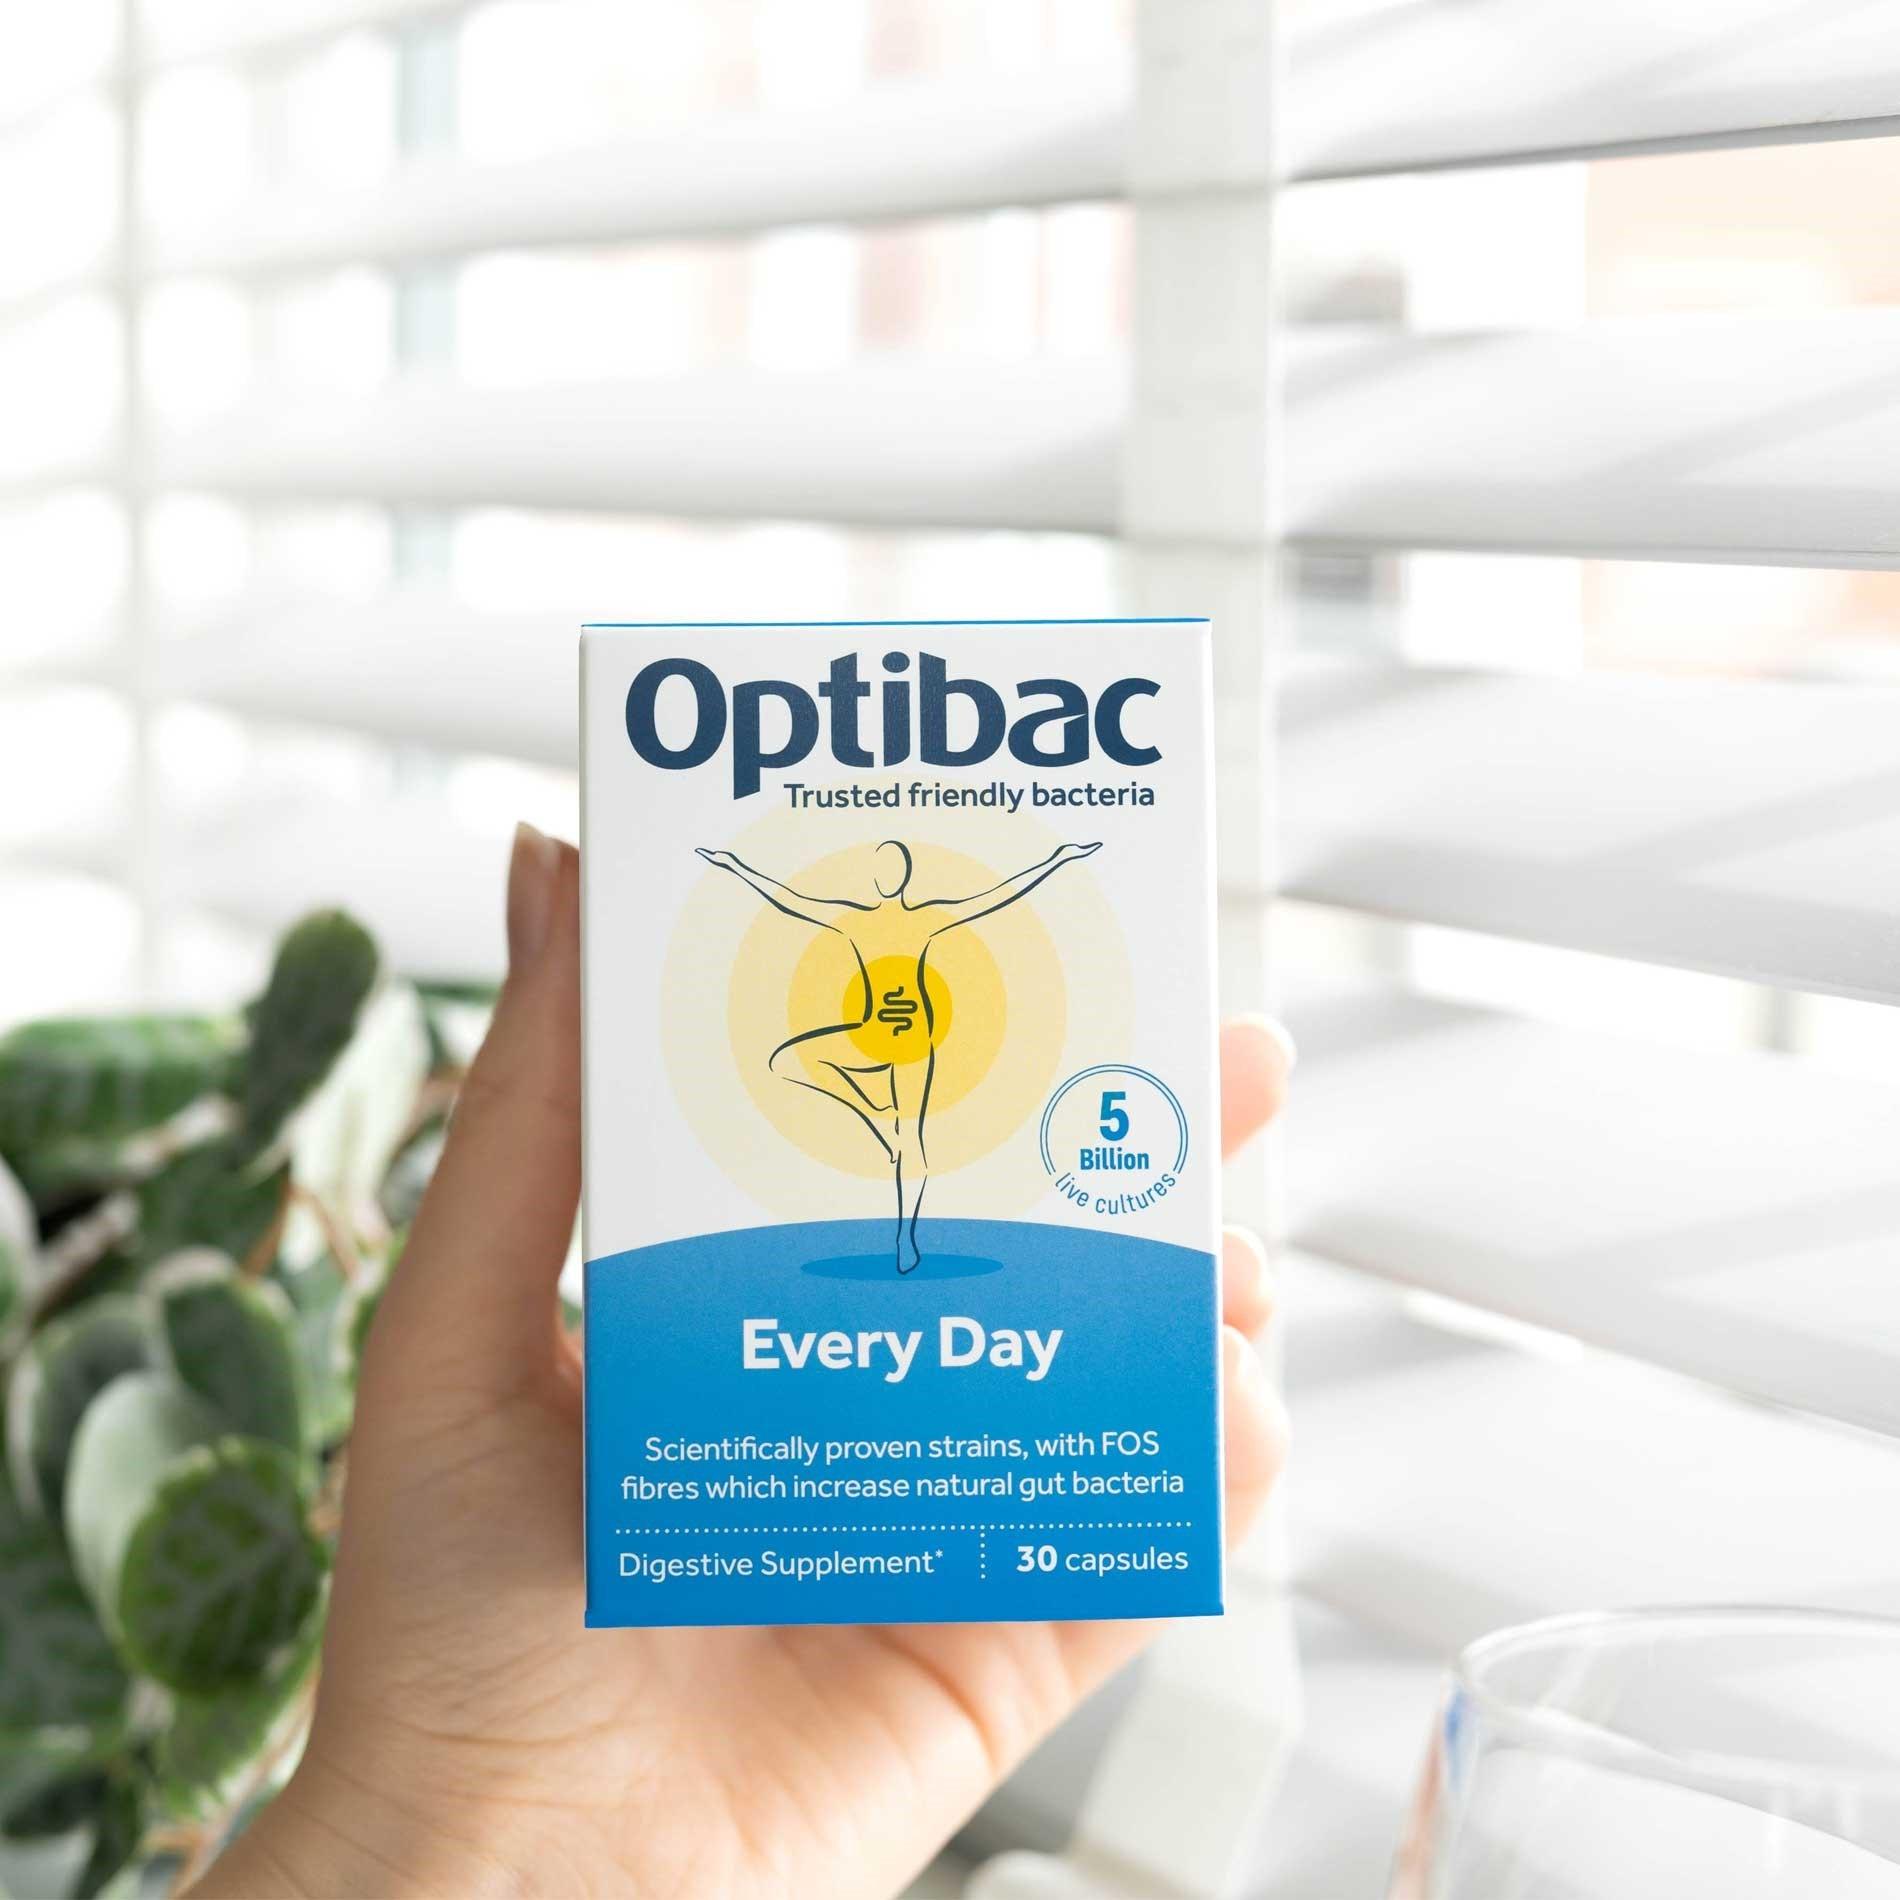 Why OptiBac